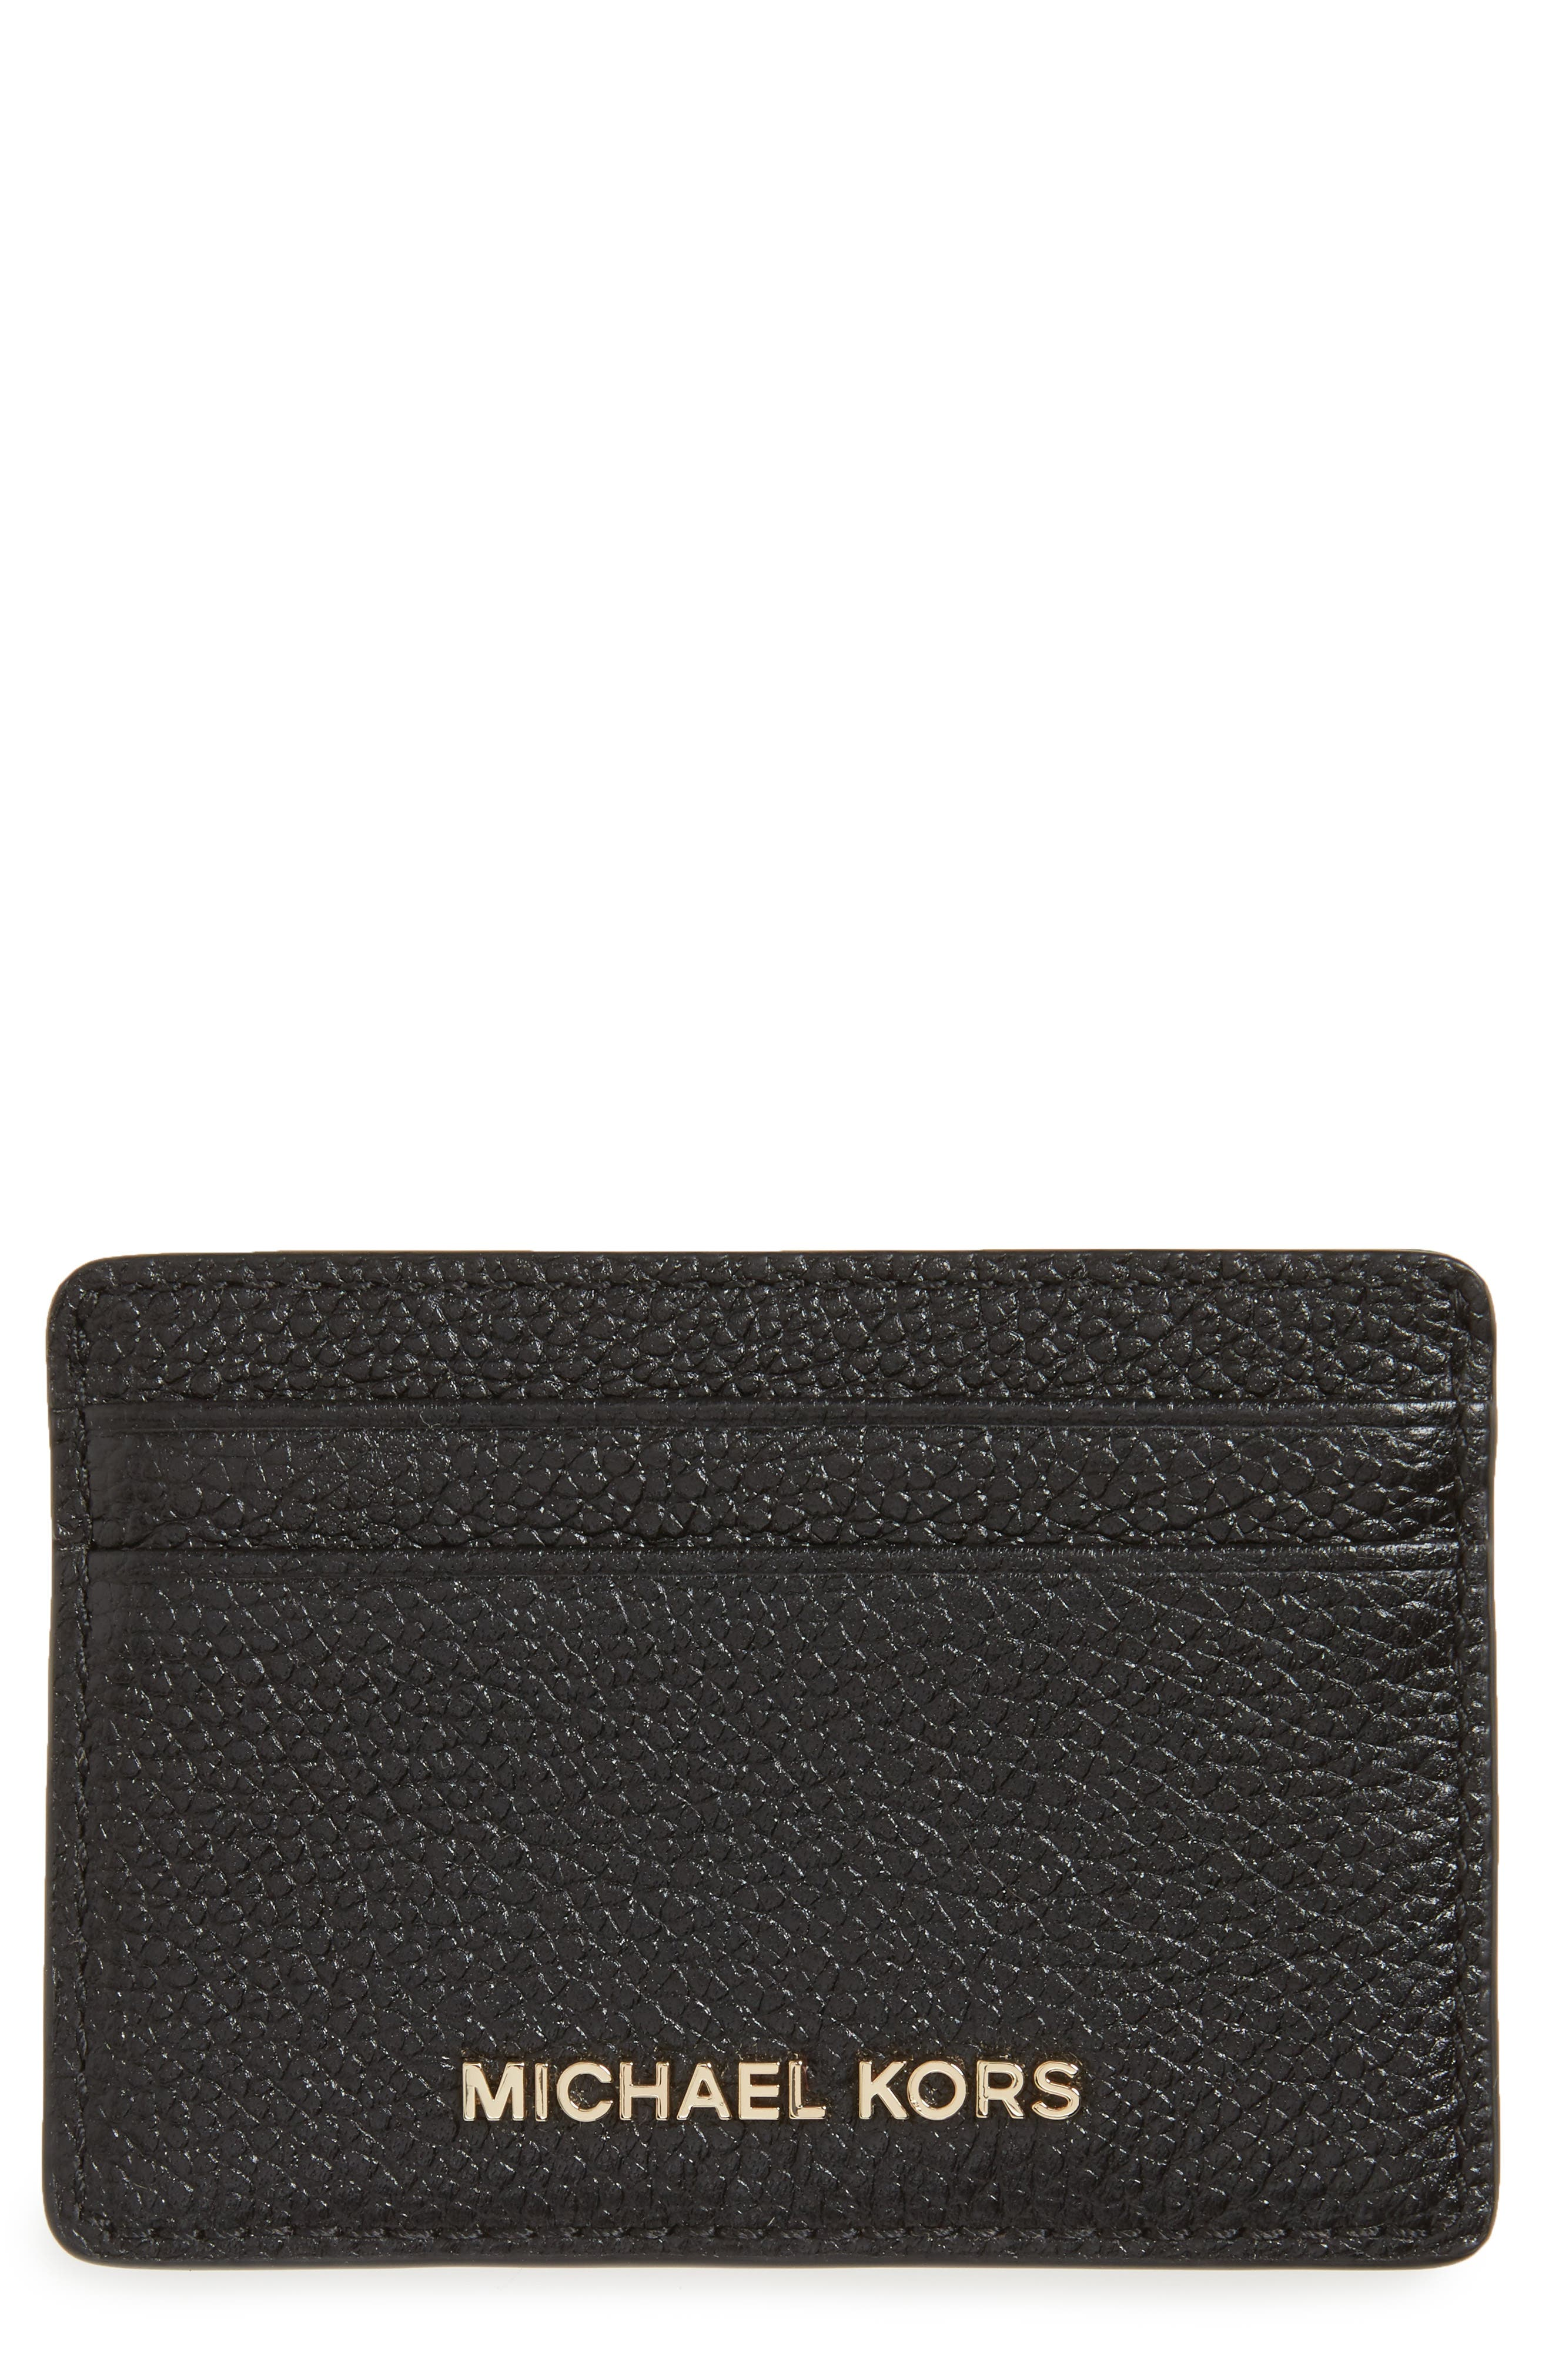 Money Pieces Leather Card Case,                             Main thumbnail 1, color,                             001